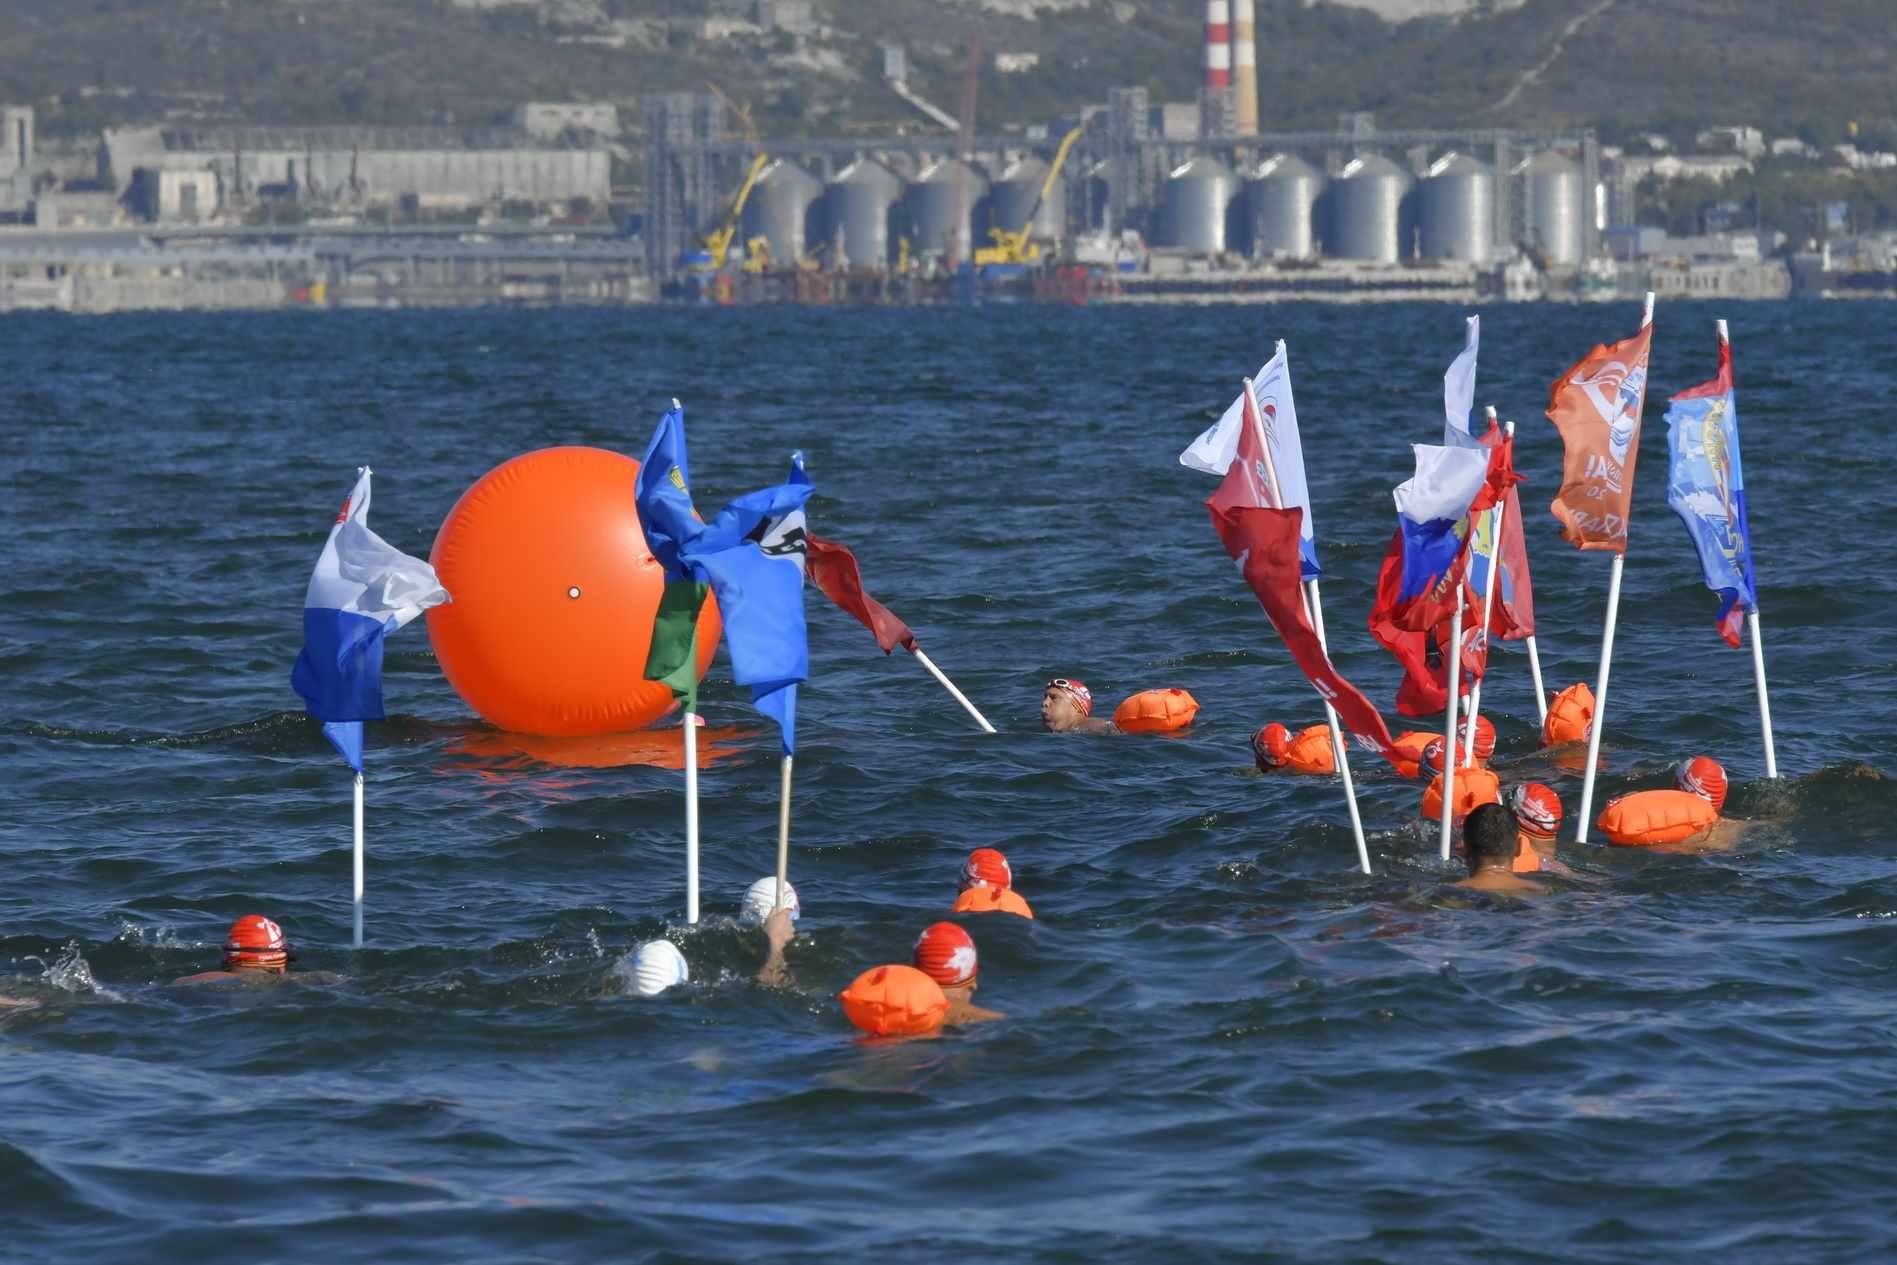 В Новороссийске стартовал сенсационный заплыв российских экстремалов протяженность 555 километров